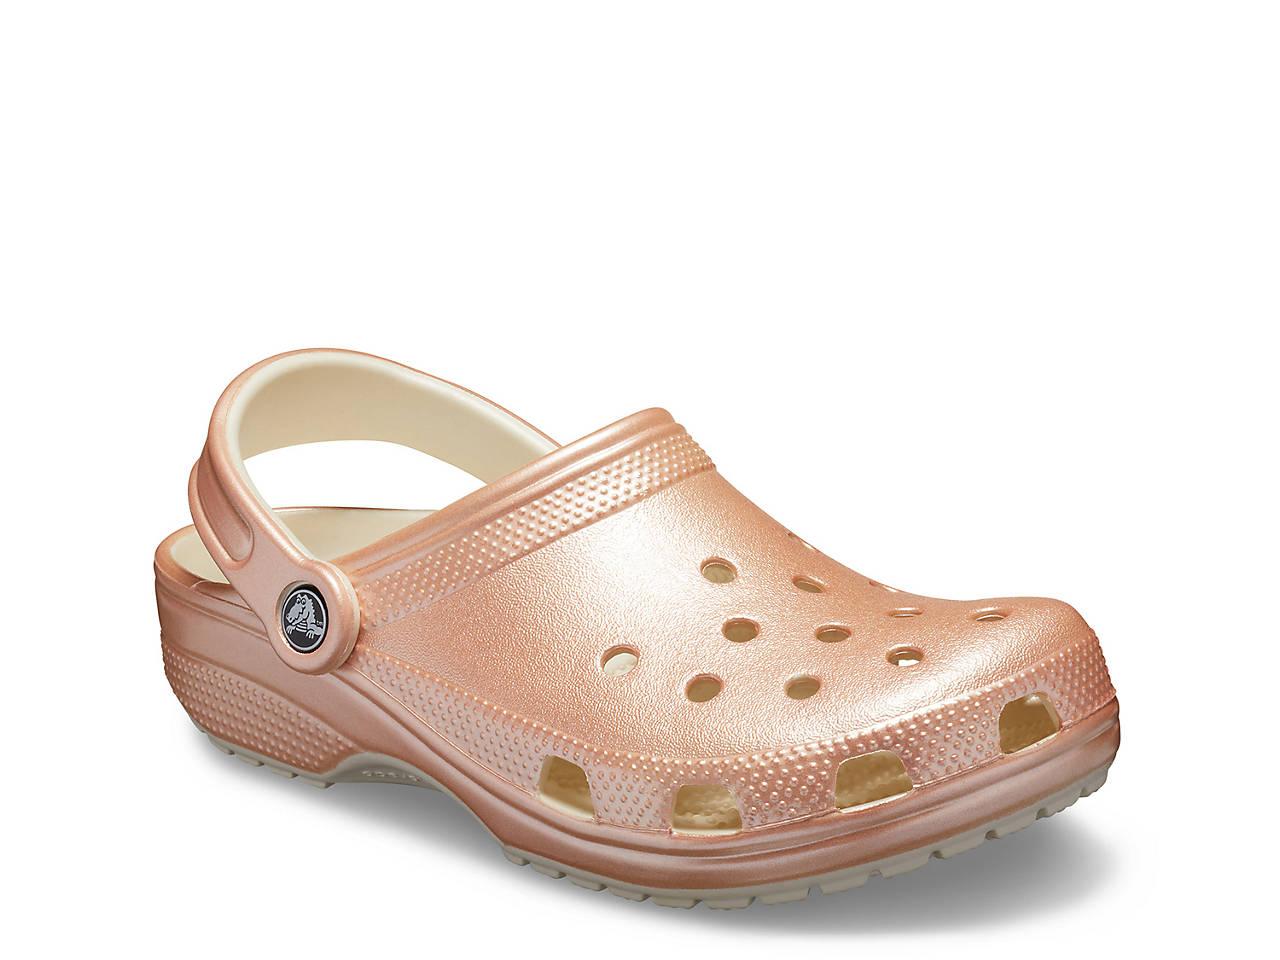 a7005d0d6 Crocs Classic Metallic Clog Women s Shoes